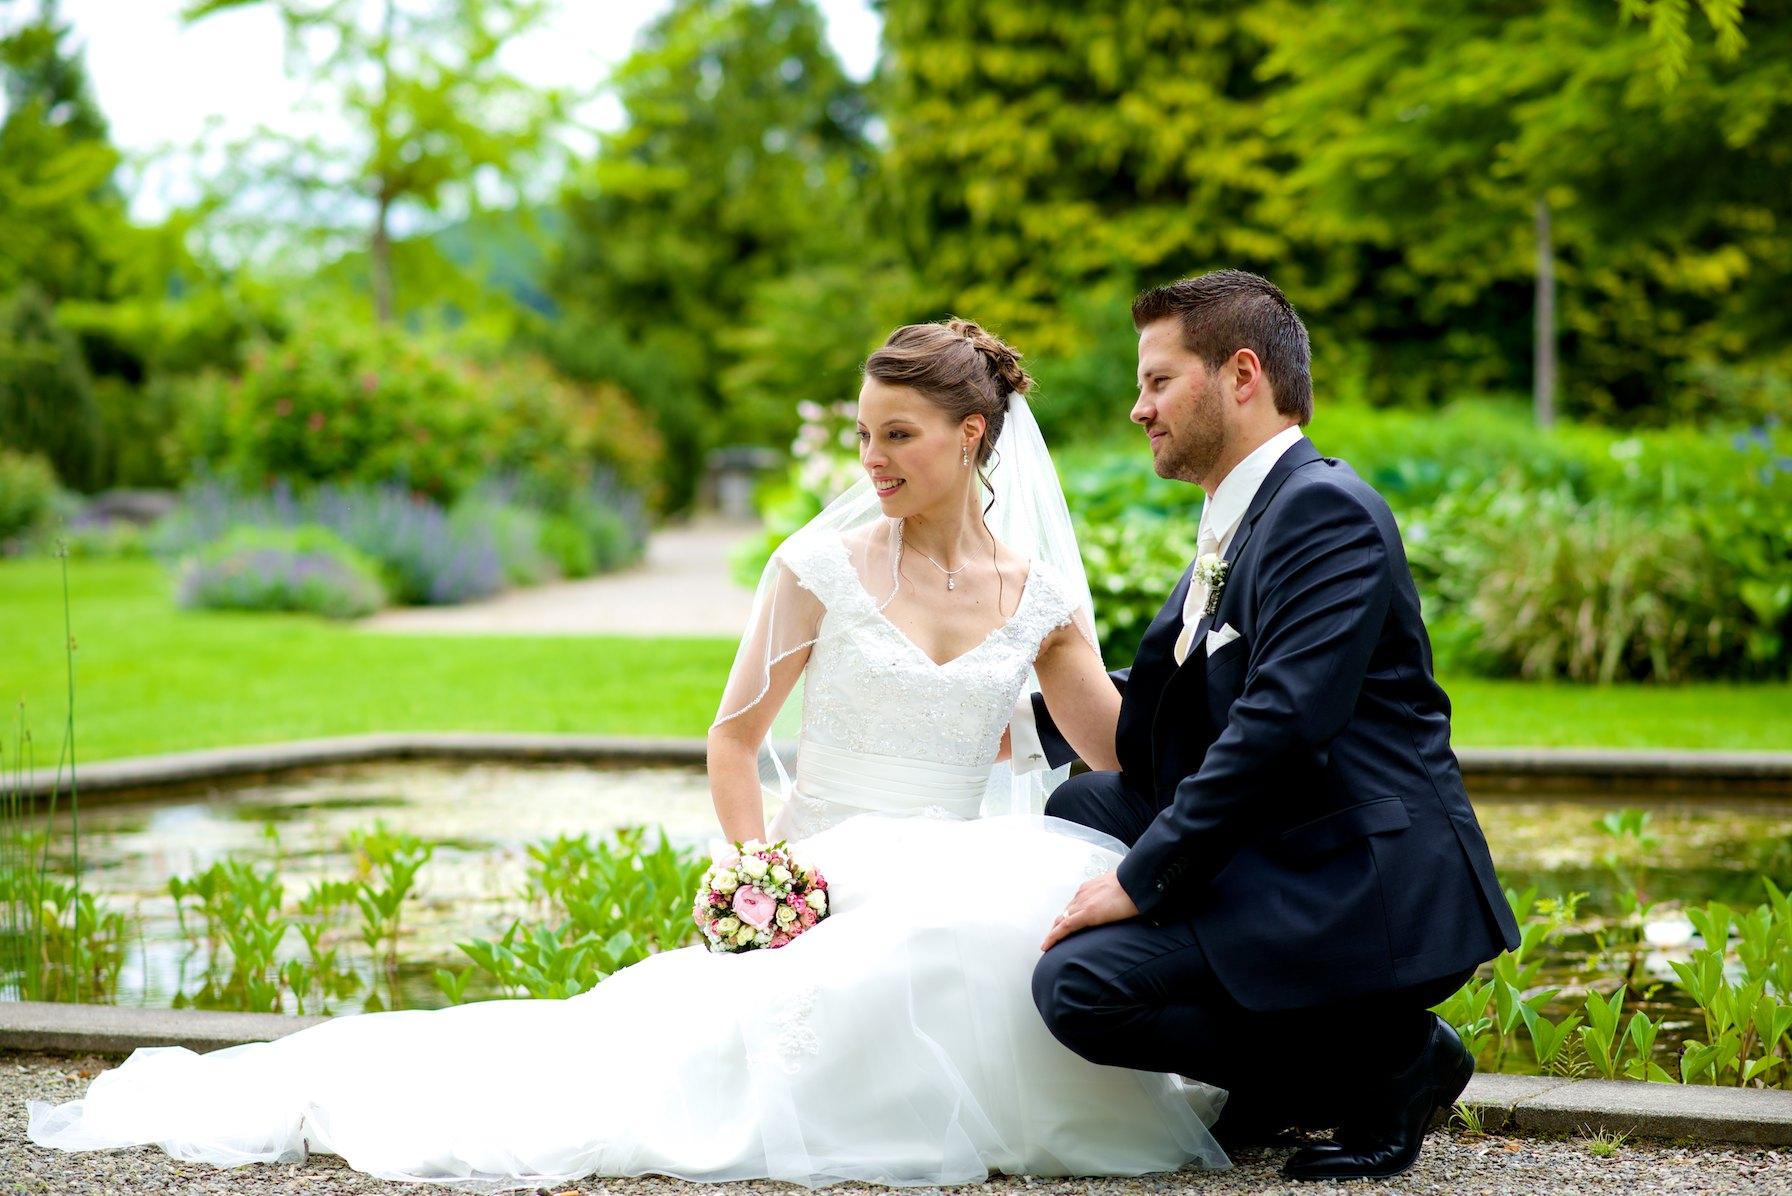 Sara & Raffael Berger Hochzeit 006.jpg